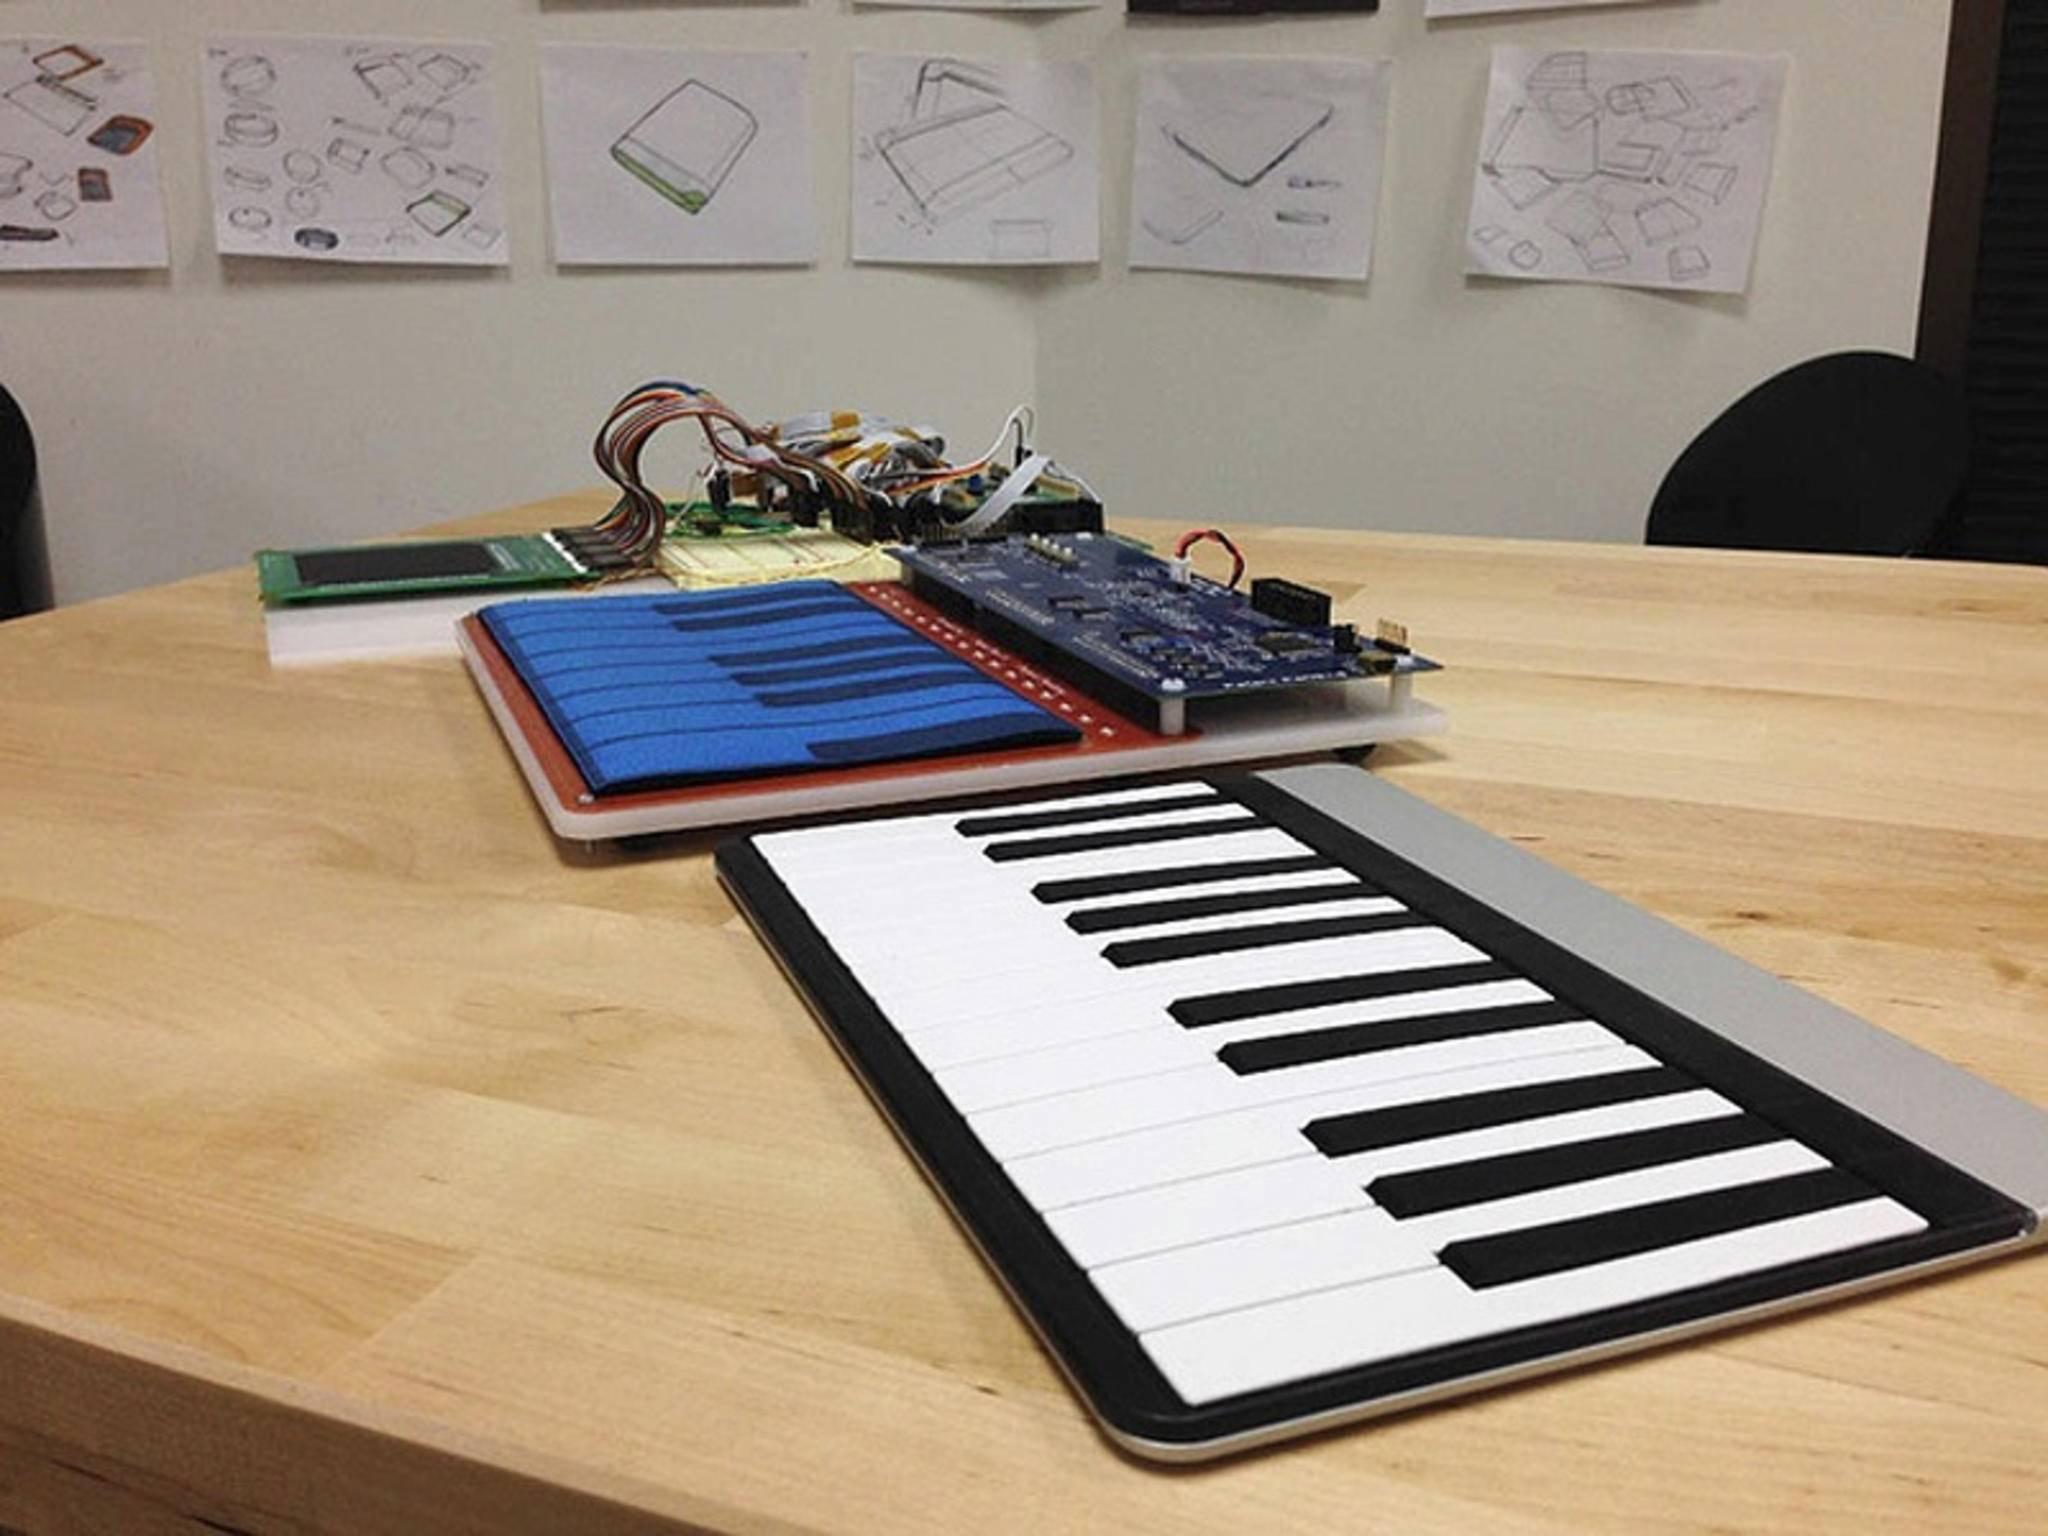 Individuelle Overlays eröffnen vielfältige Verwendungszwecke, wie etwa ein Klavier.